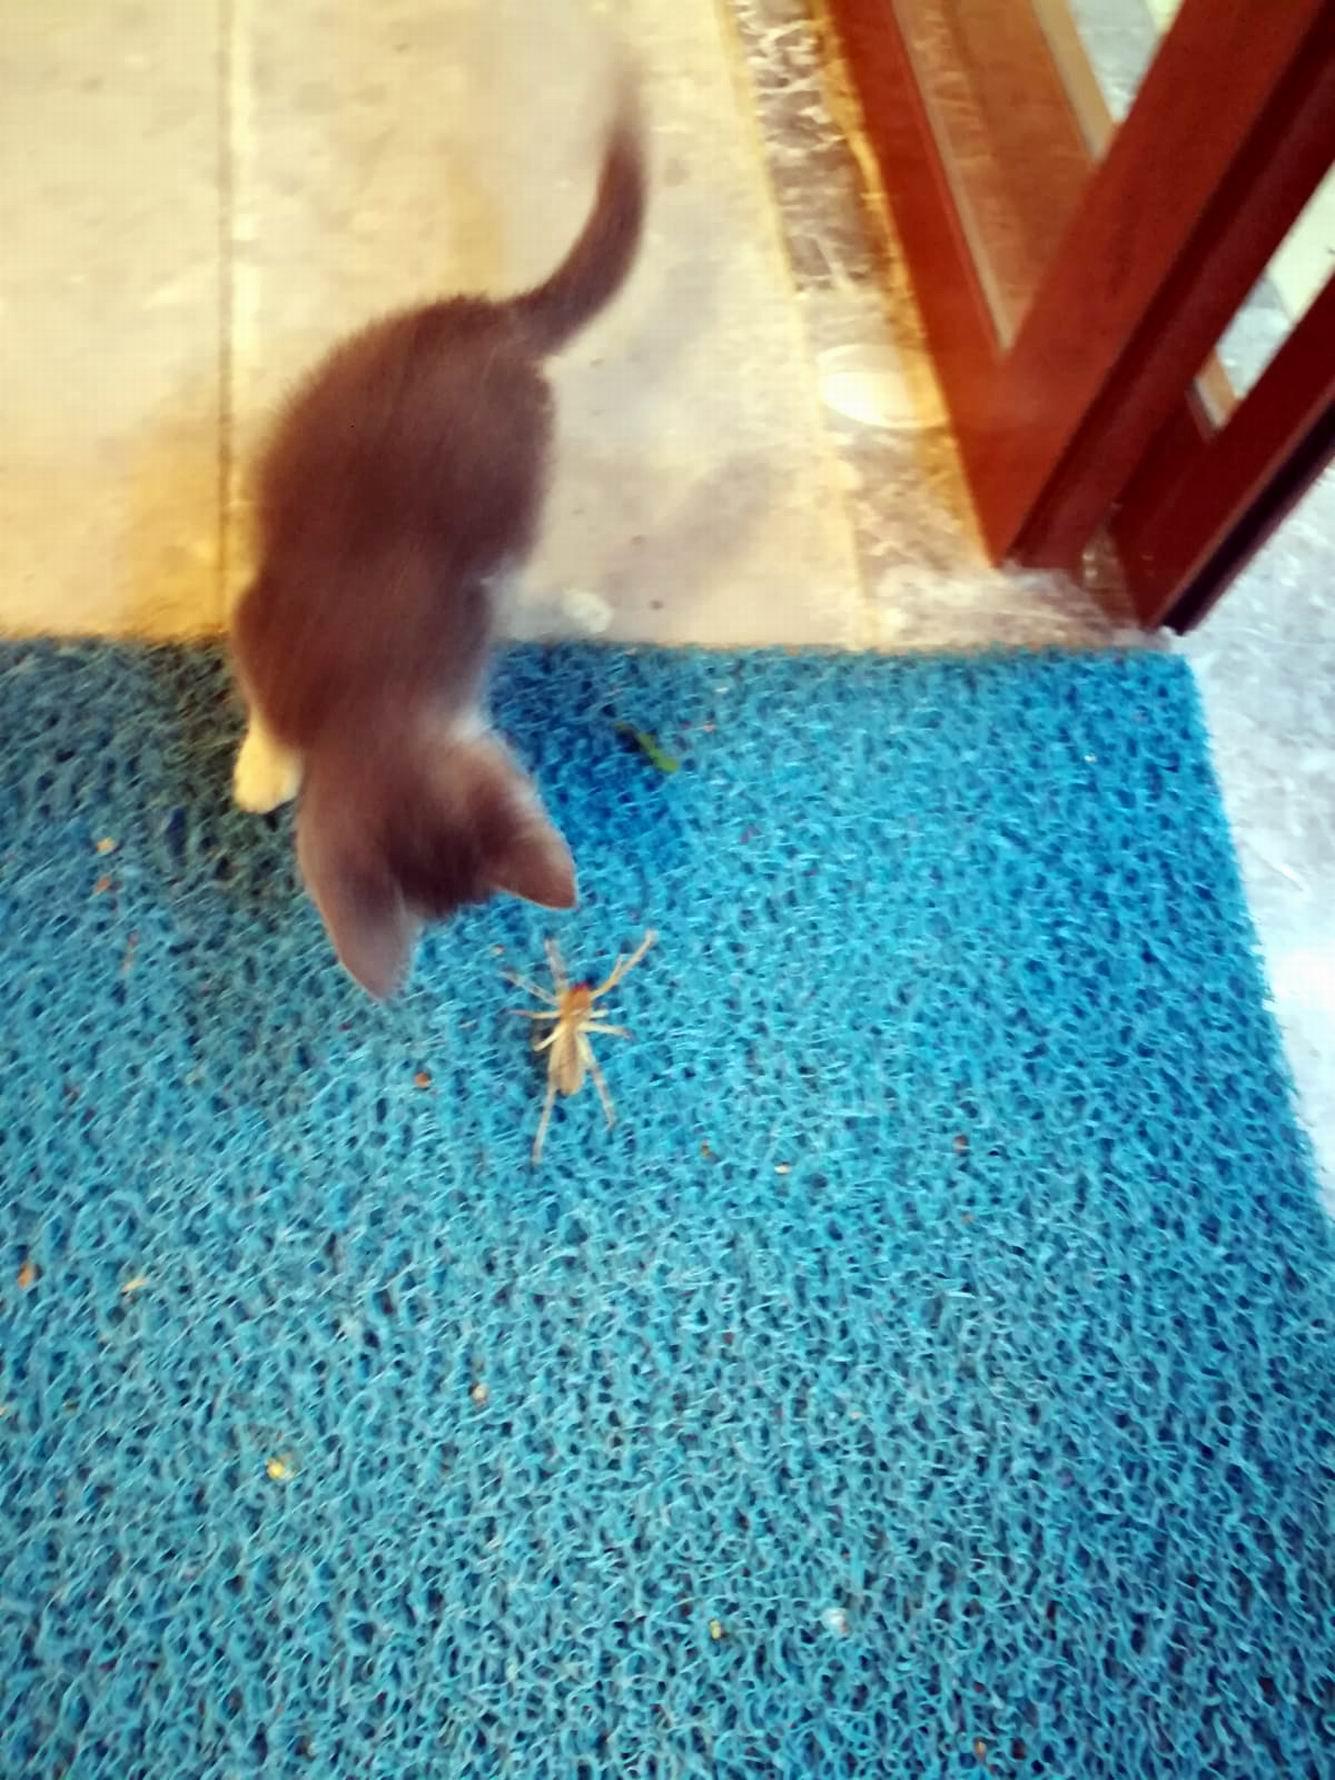 dev-orumcek-ile-yavru-kedinin-mucadelesi-kamerada-1332-dhaphoto1.jpg